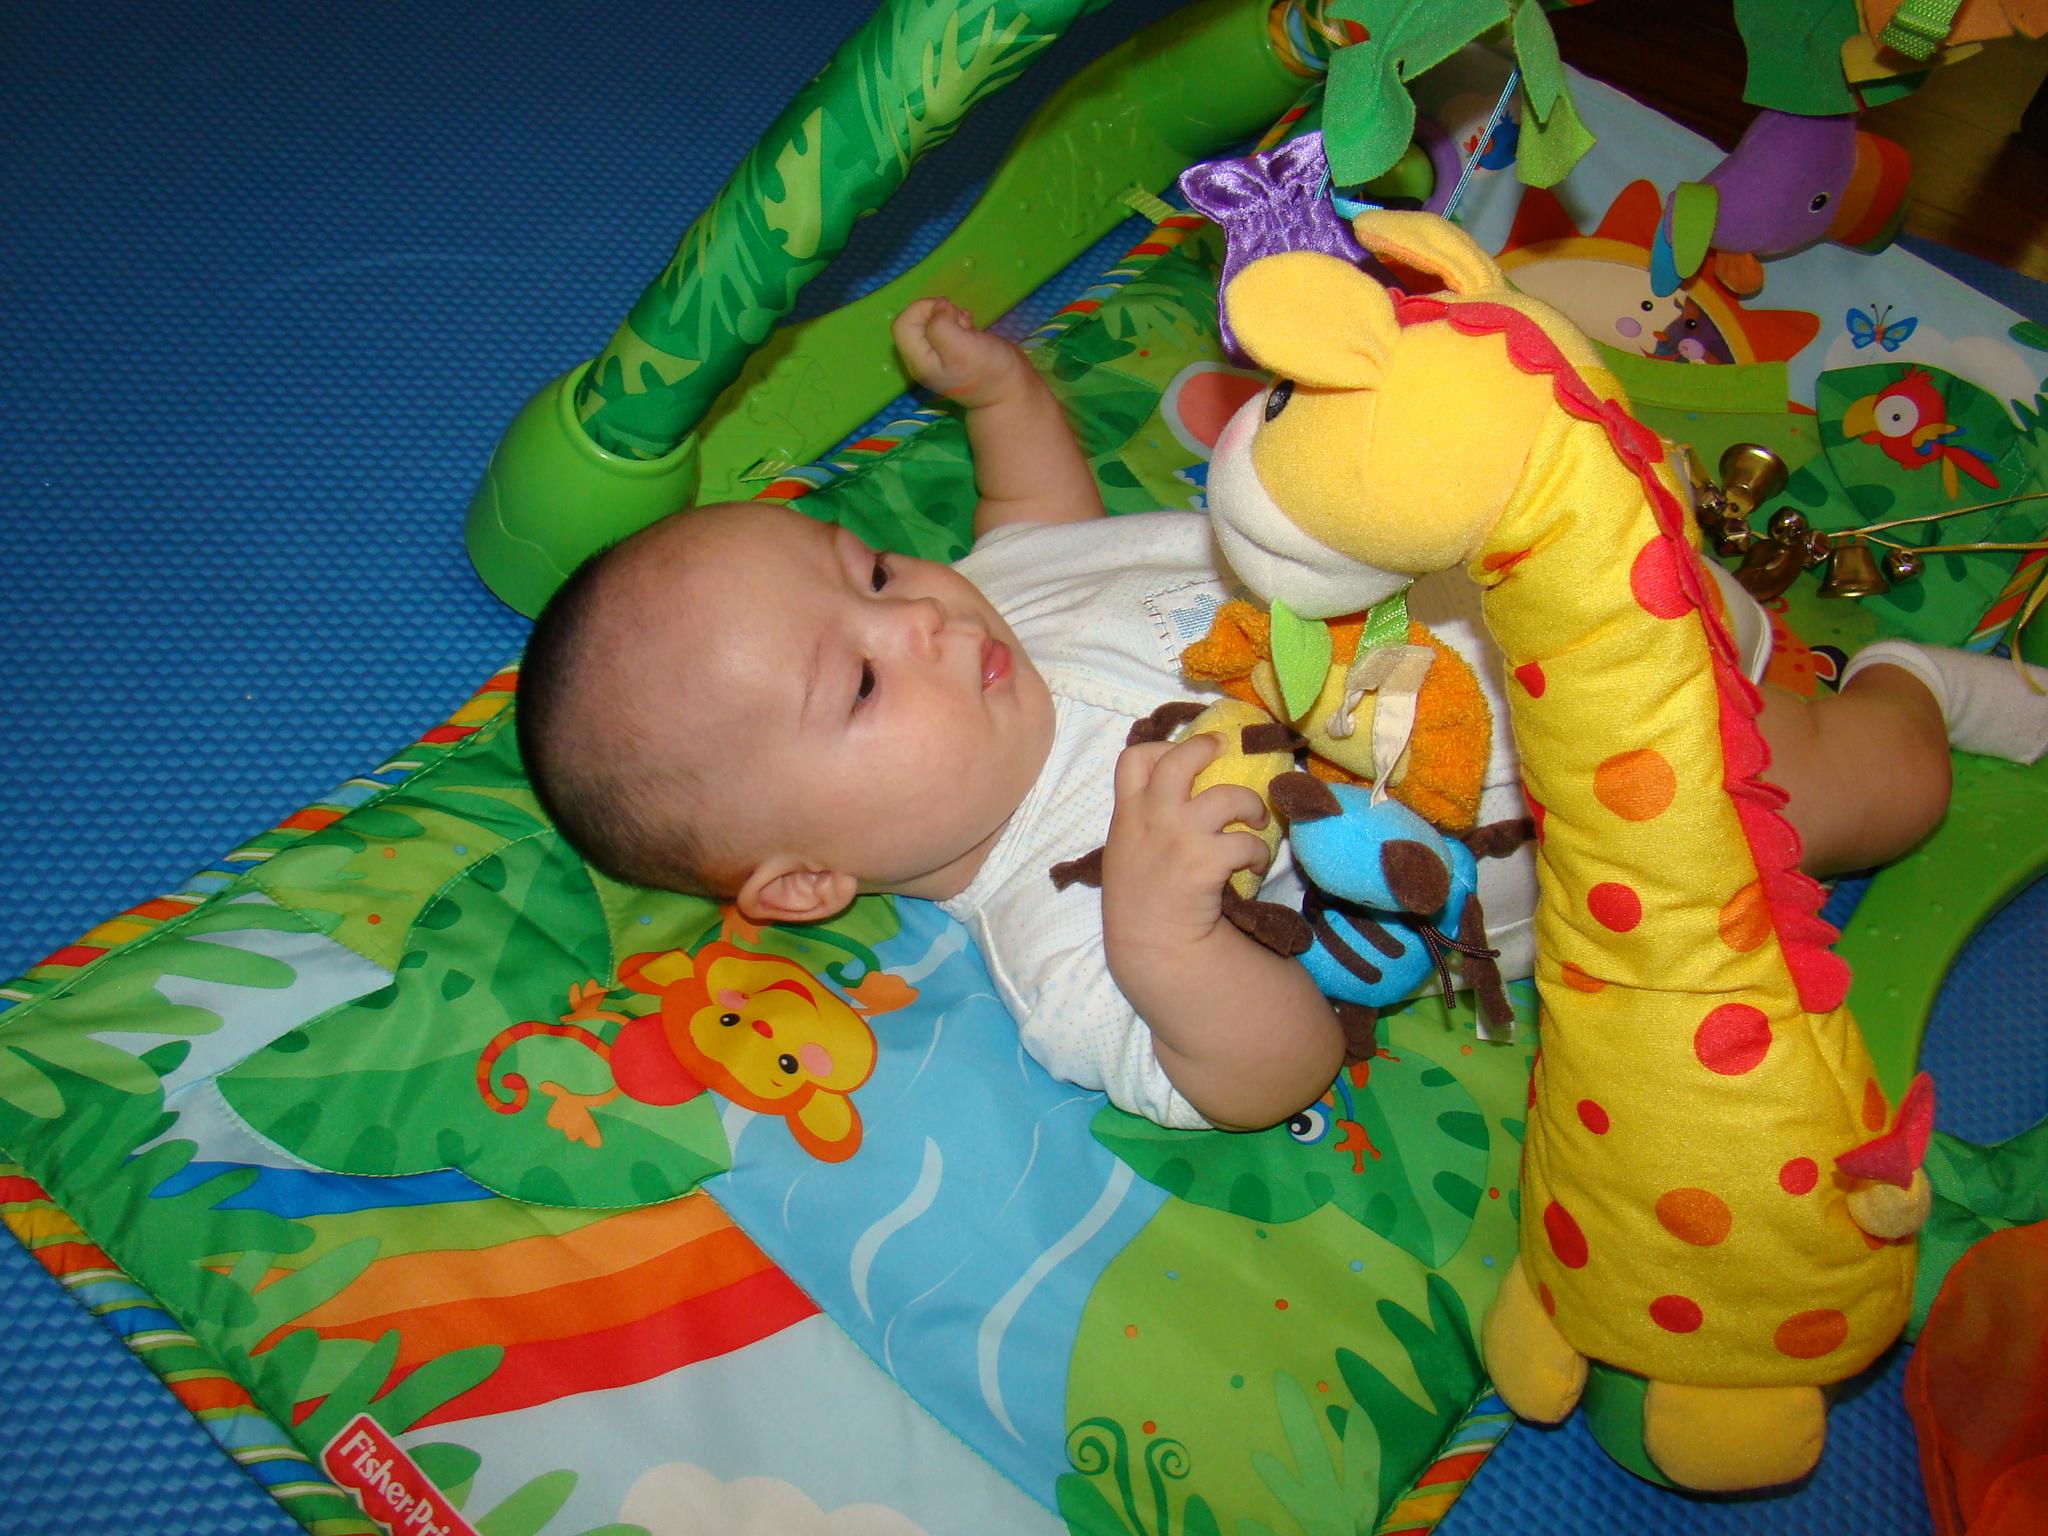 Terapia f sica y psicomotriz a los 4 meses el felipe de mam - Juguetes para bebes de 2 meses ...